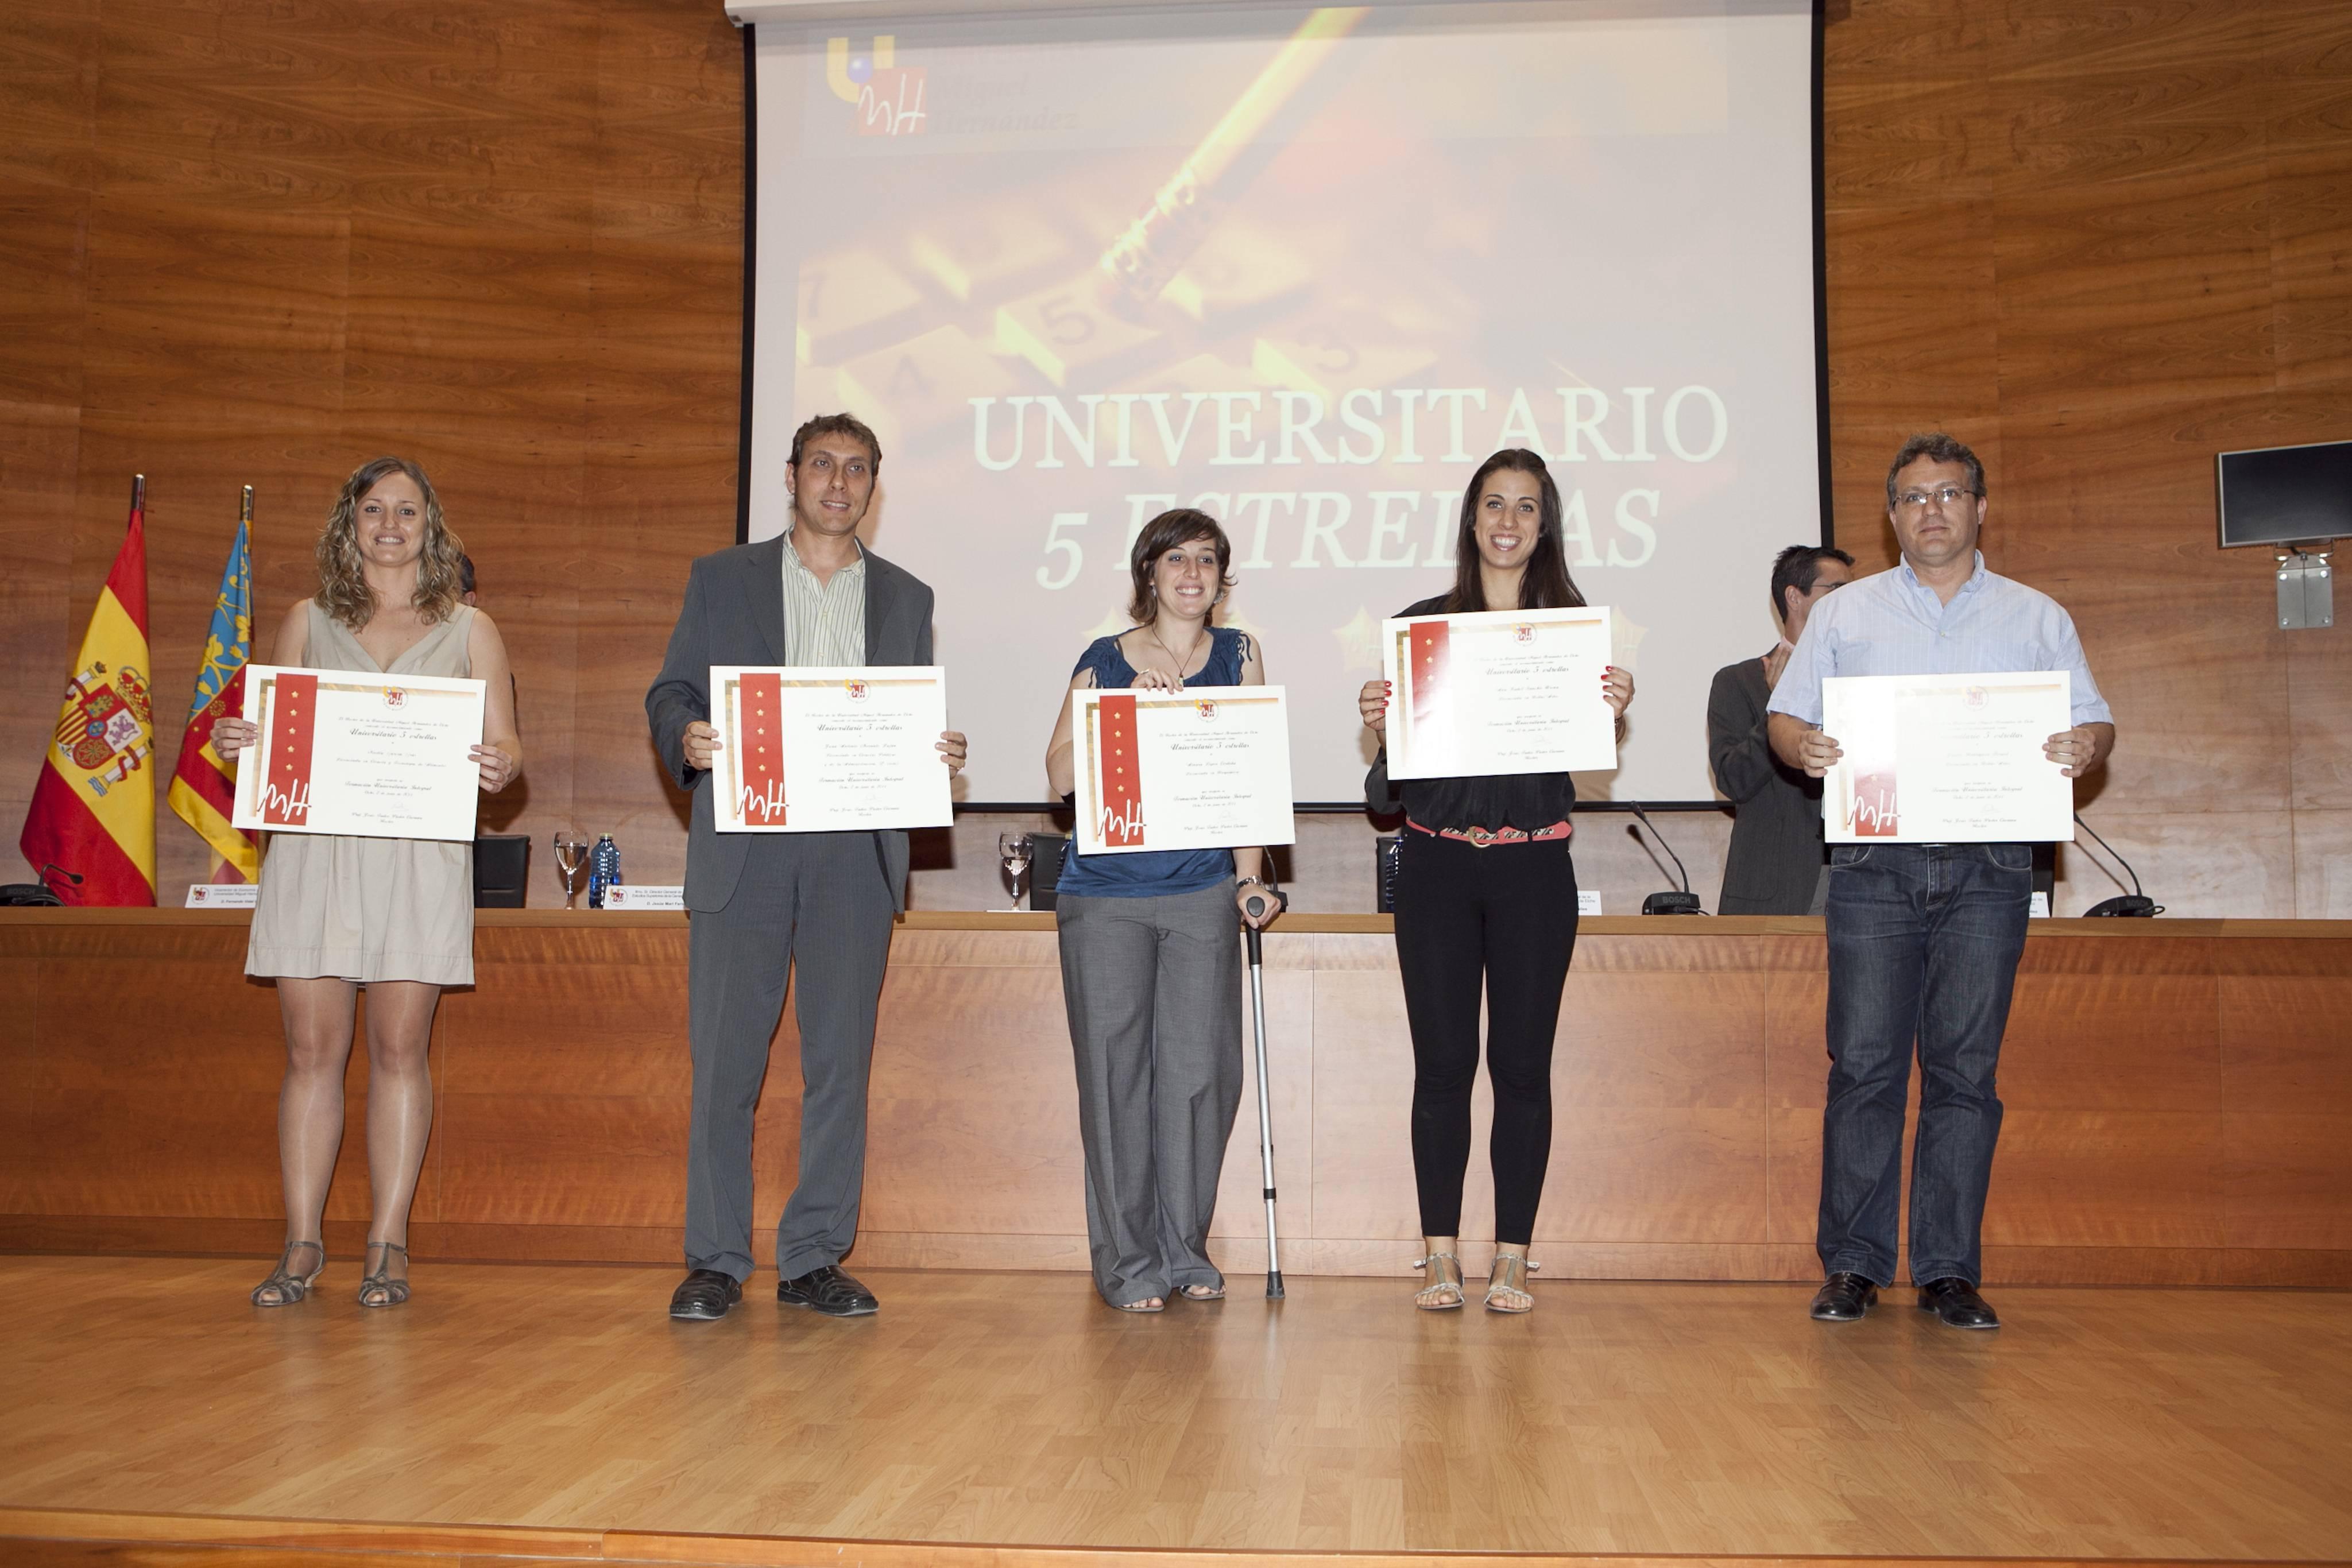 premios-5-estrellas_mg_0581.jpg